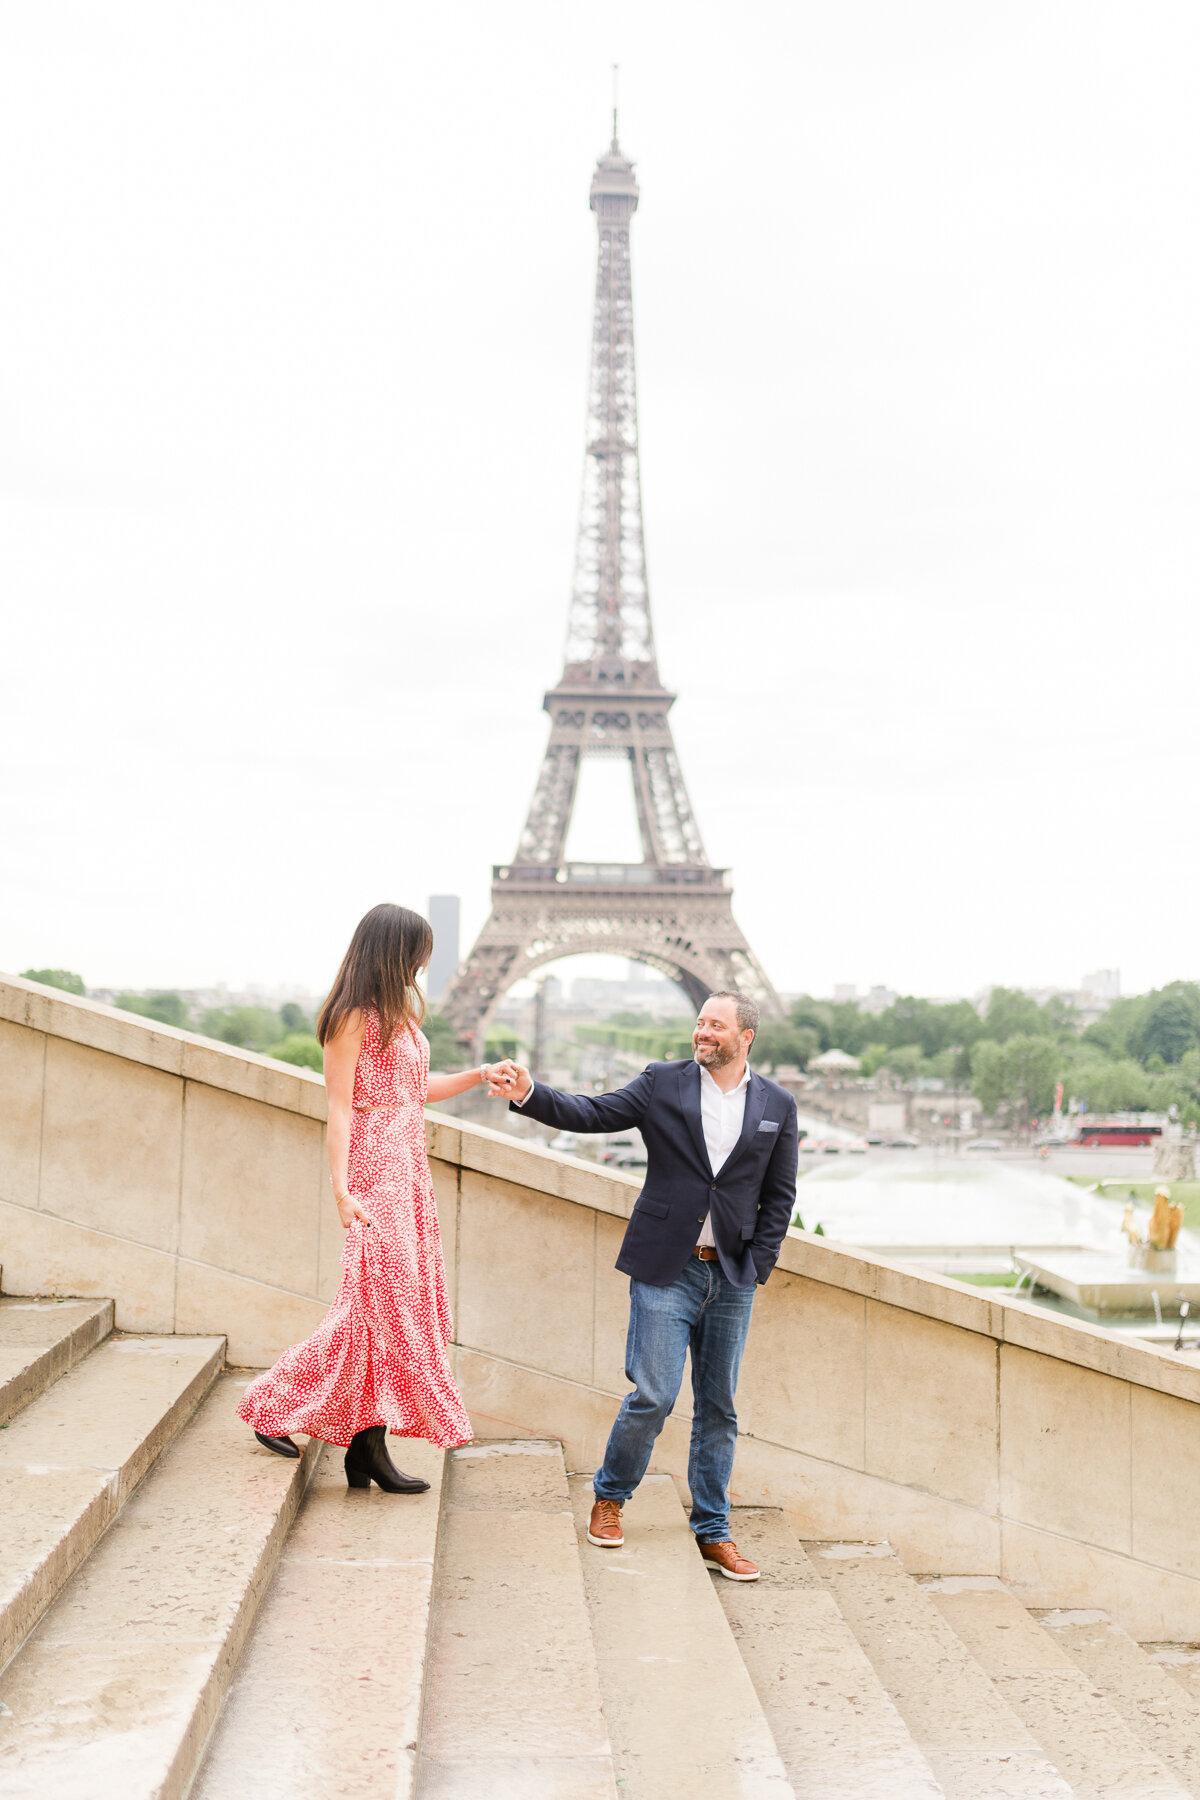 dating paris english)